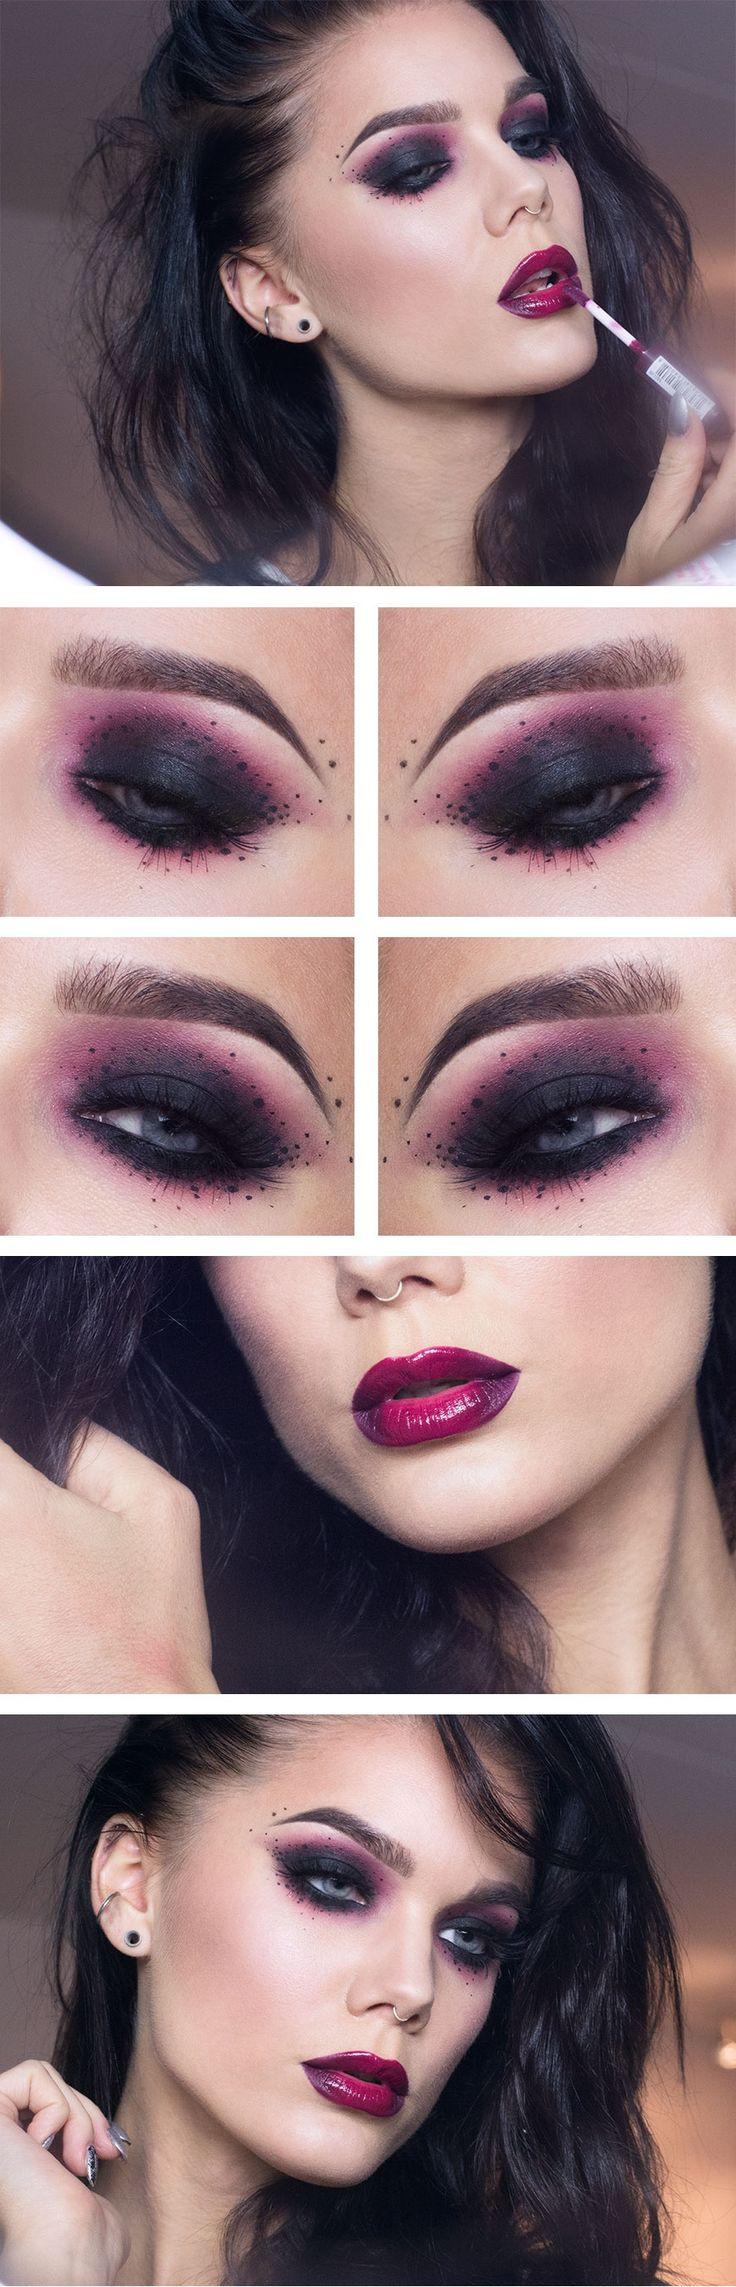 Jag har använt/I've used Too faced shadow insurance MAC eyeshadow Carbon Make upp geek eyeshadow Razzleberry...